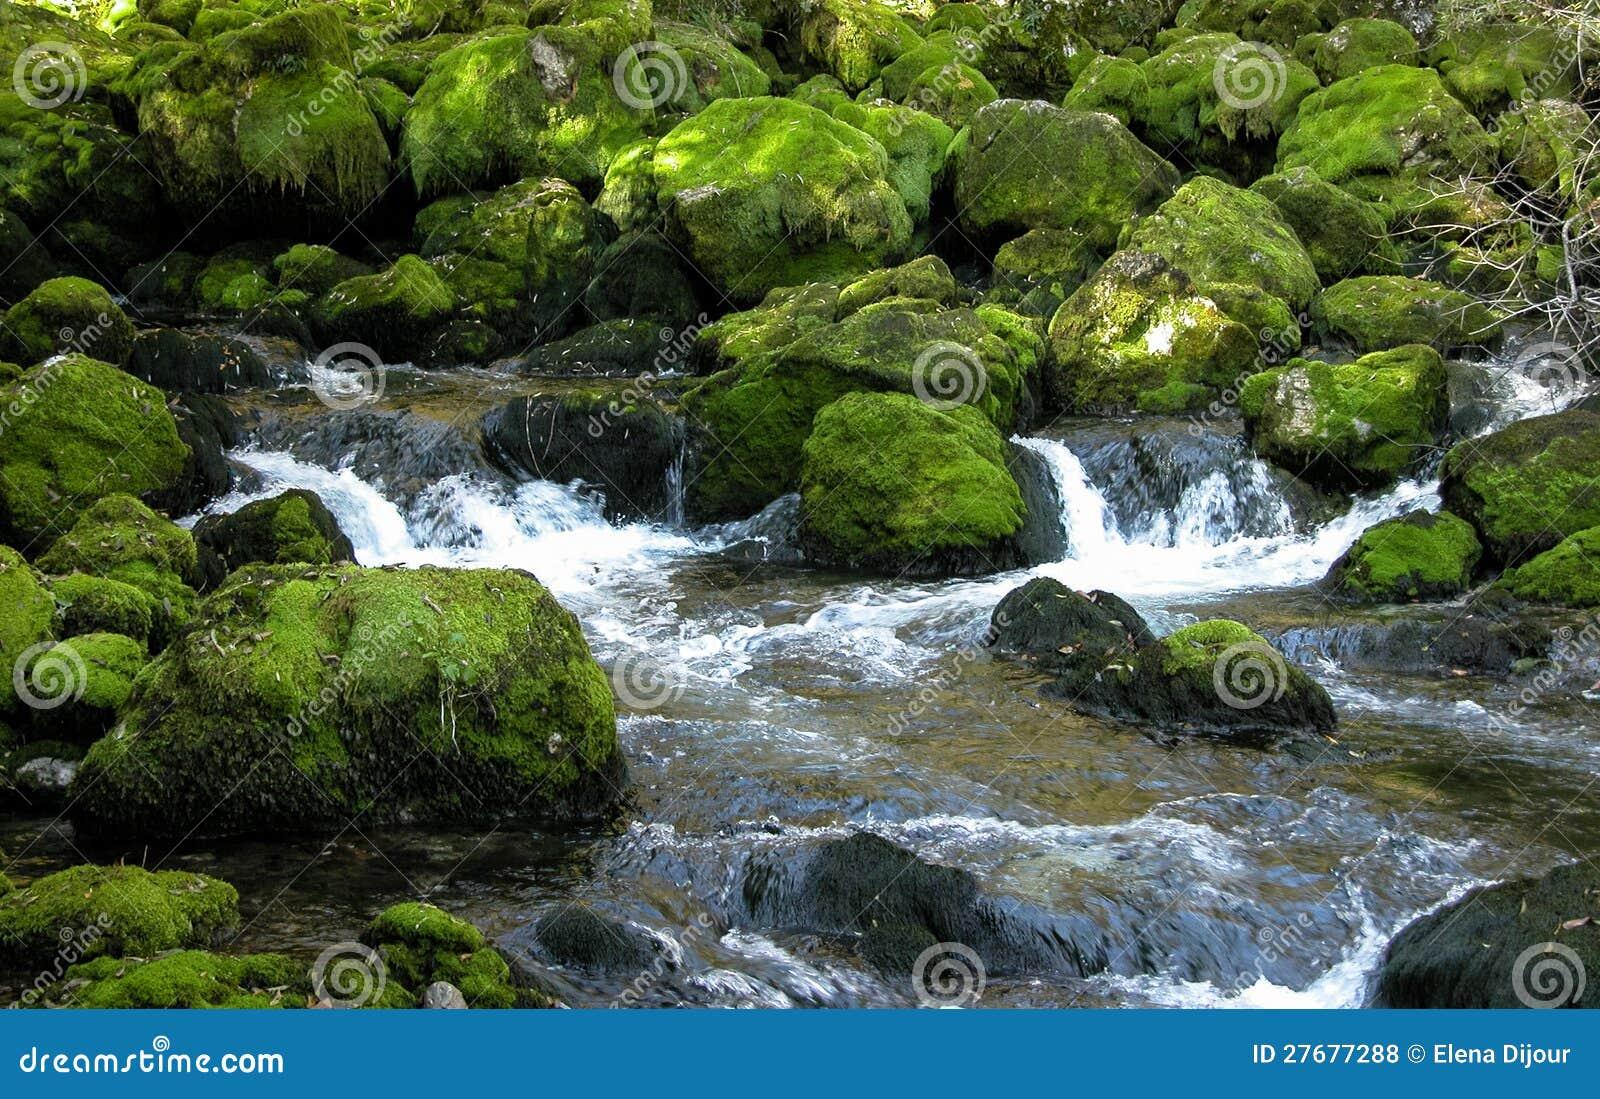 Nad zielonymi mechatymi skałami lasowy strumień.